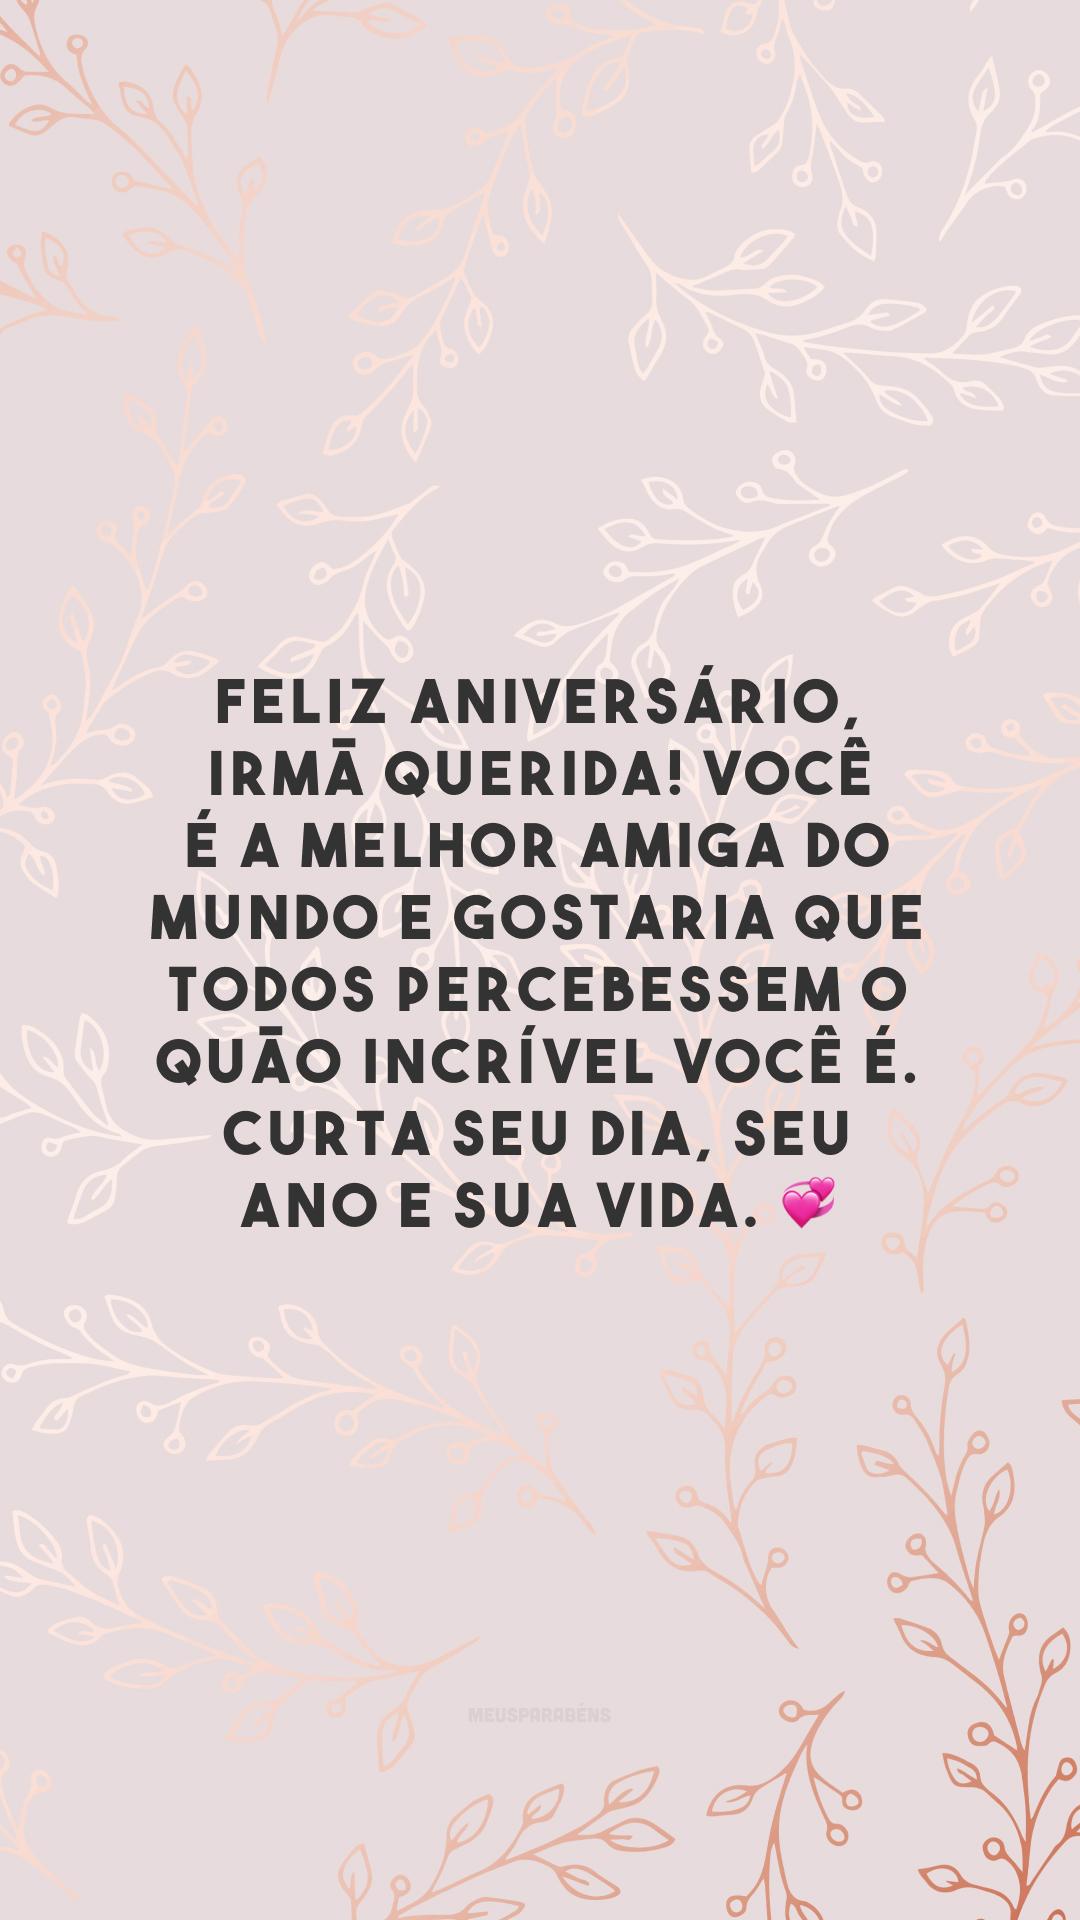 Feliz aniversário, irmã querida! Você é a melhor amiga do mundo e gostaria que todos percebessem o quão incrível você é. Curta seu dia, seu ano e sua vida.